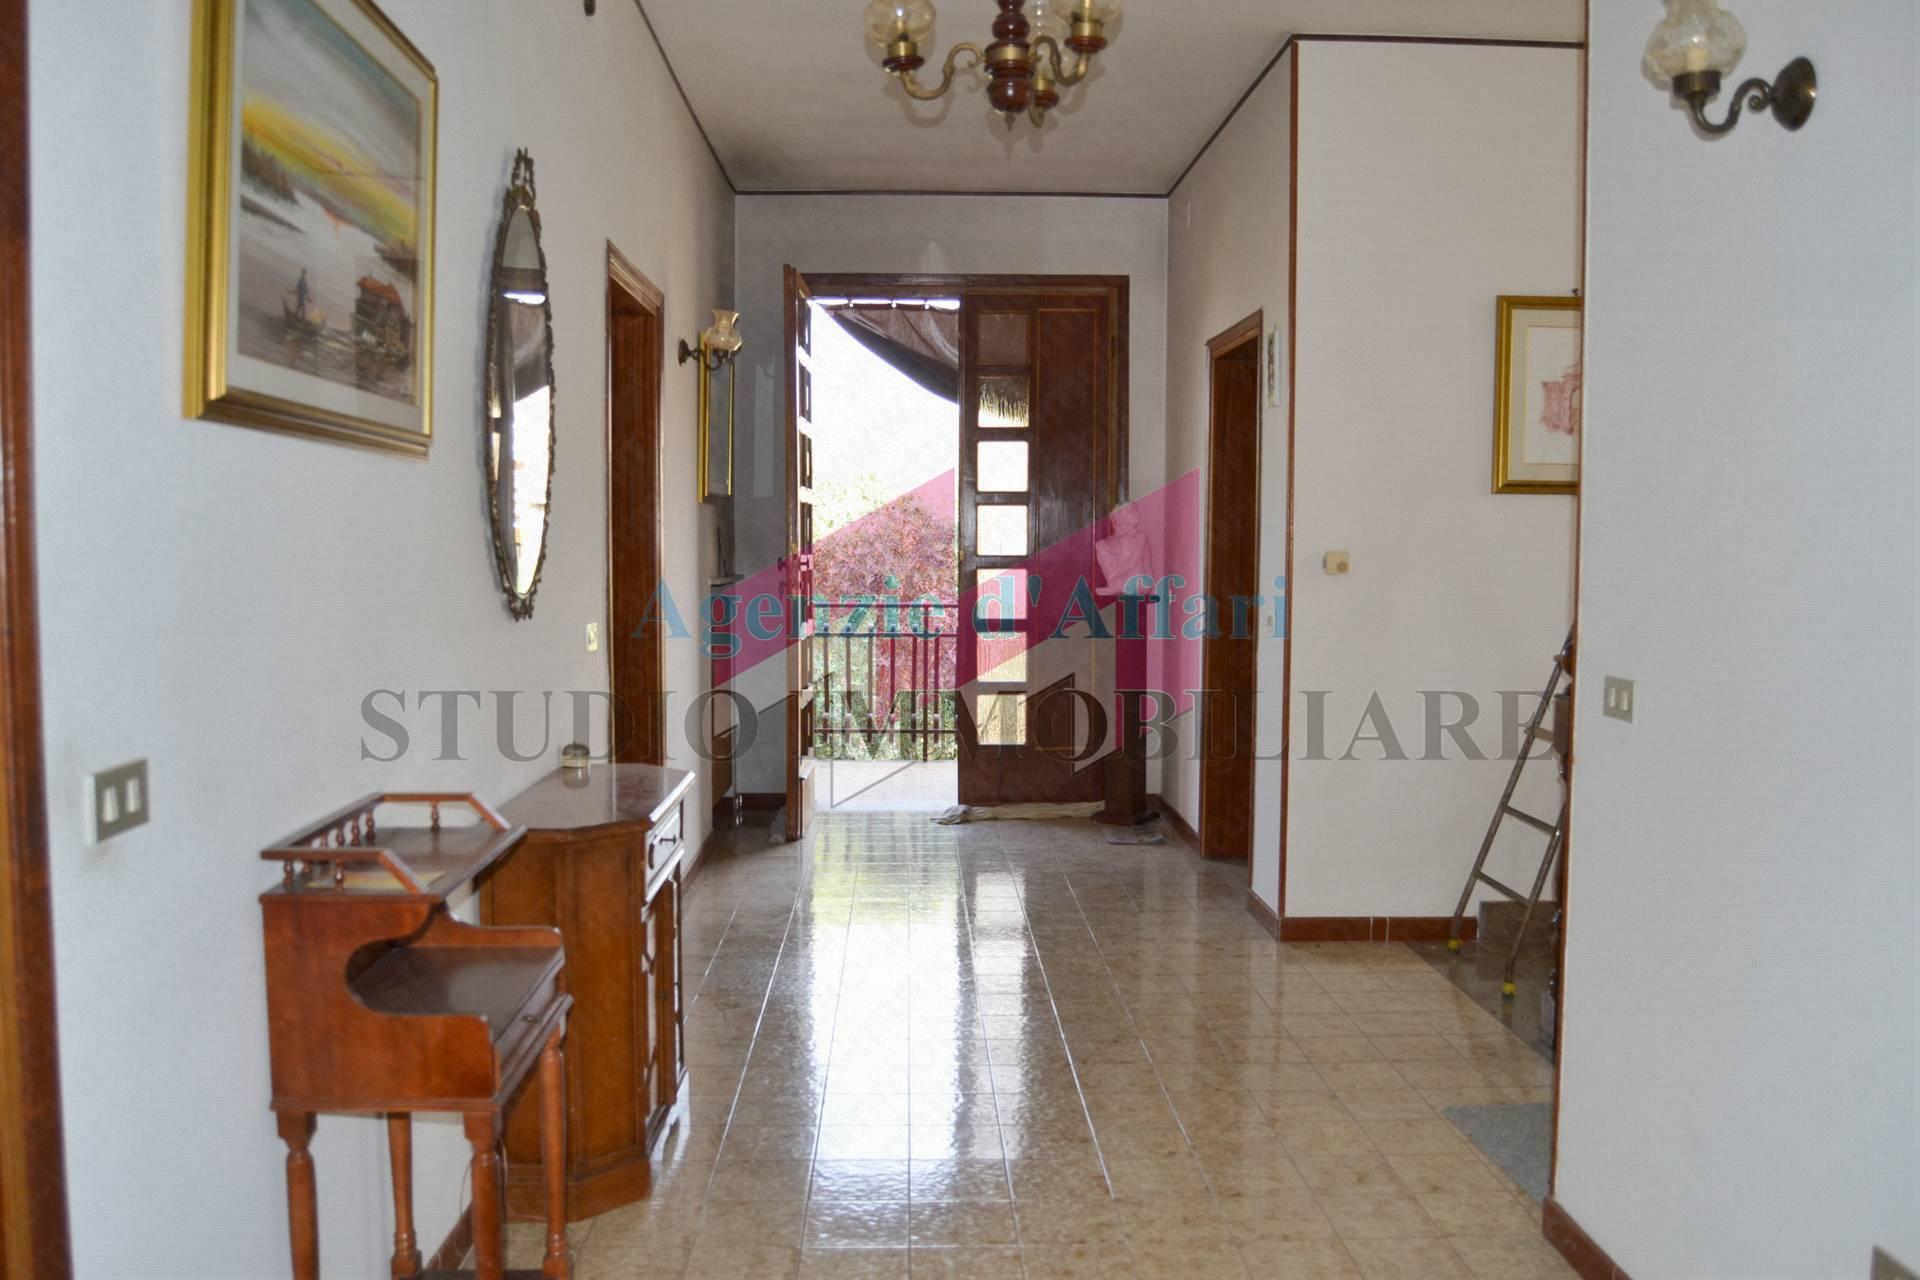 Altro in vendita a Castelnovo Bariano, 8 locali, prezzo € 100.000   PortaleAgenzieImmobiliari.it